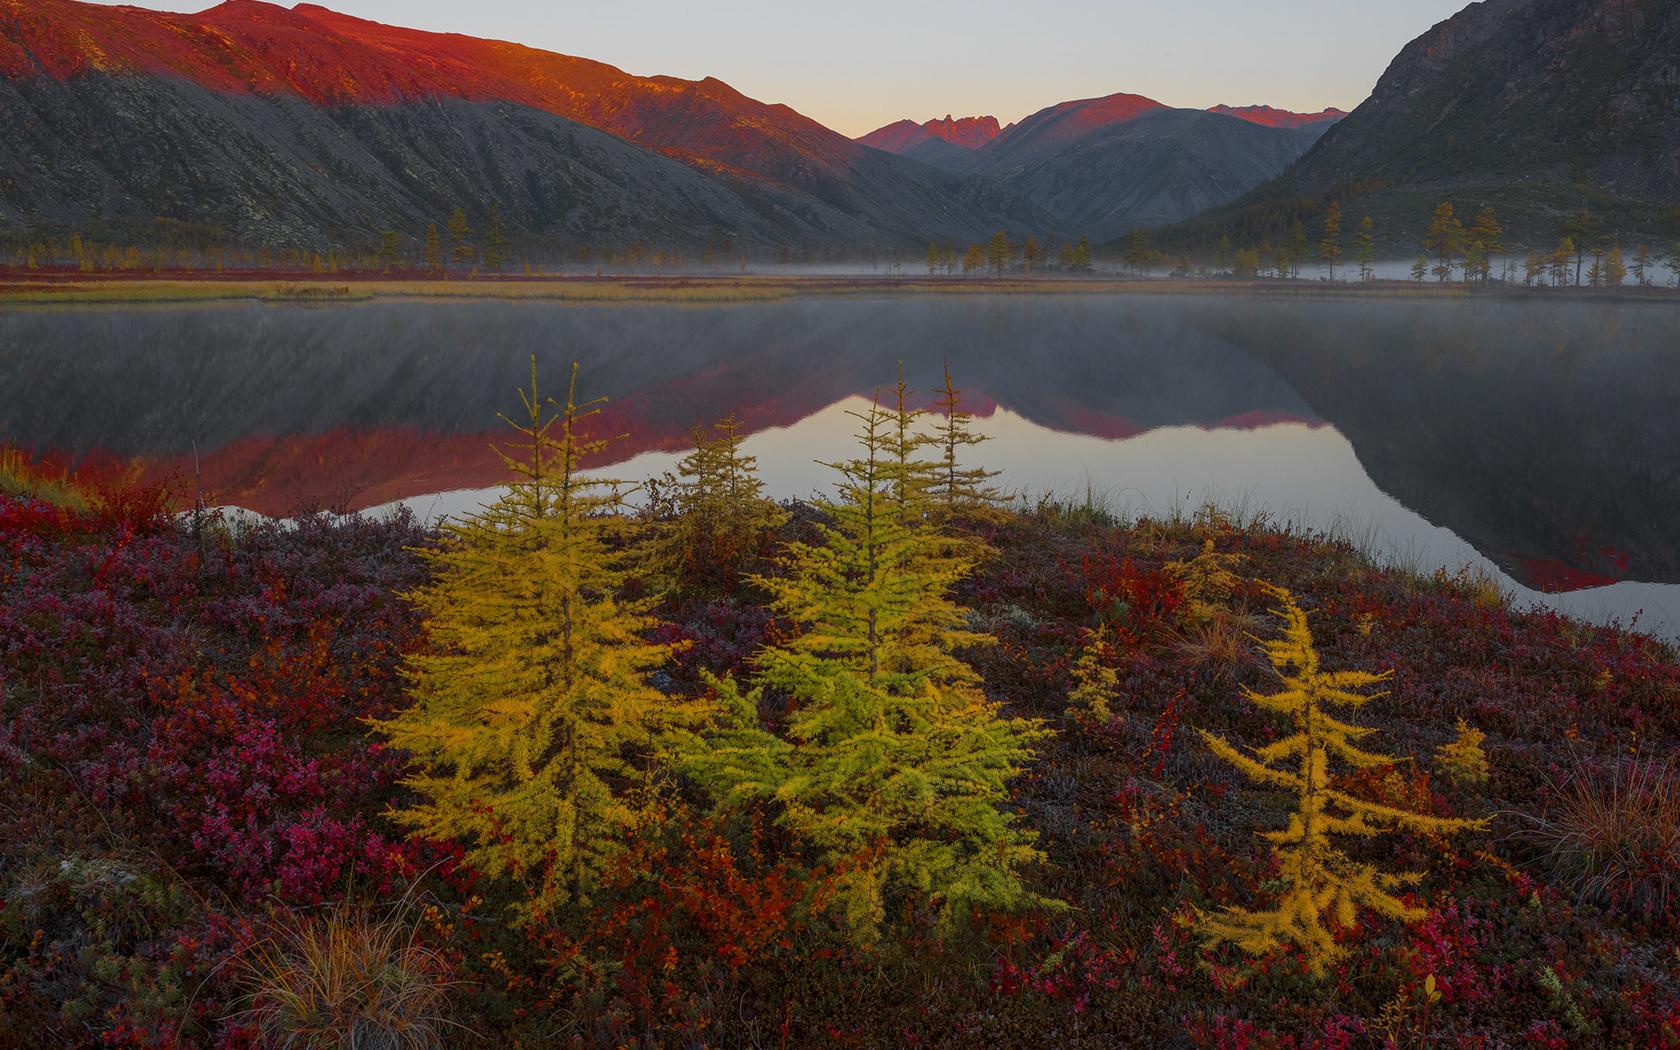 осень, пейзаж, горы, природа, озеро, отражение, растительность, утро, ёлочки, владимир рябков, колыма, озеро джека лондона